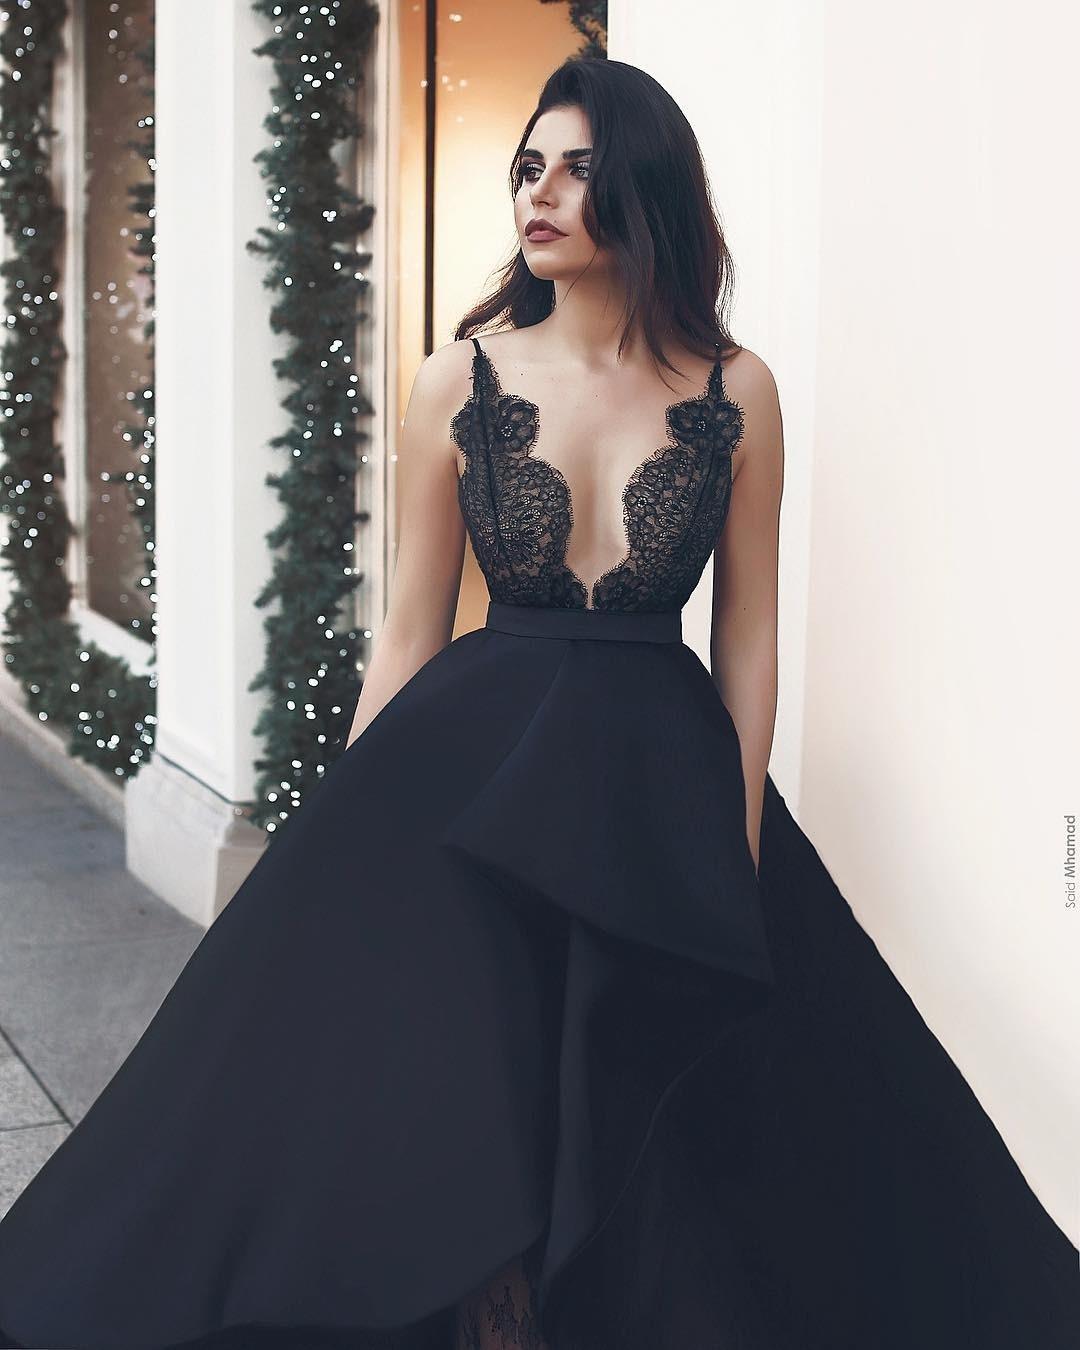 Genial Abendkleider Lang Schwarz Günstig Spezialgebiet15 Top Abendkleider Lang Schwarz Günstig Design